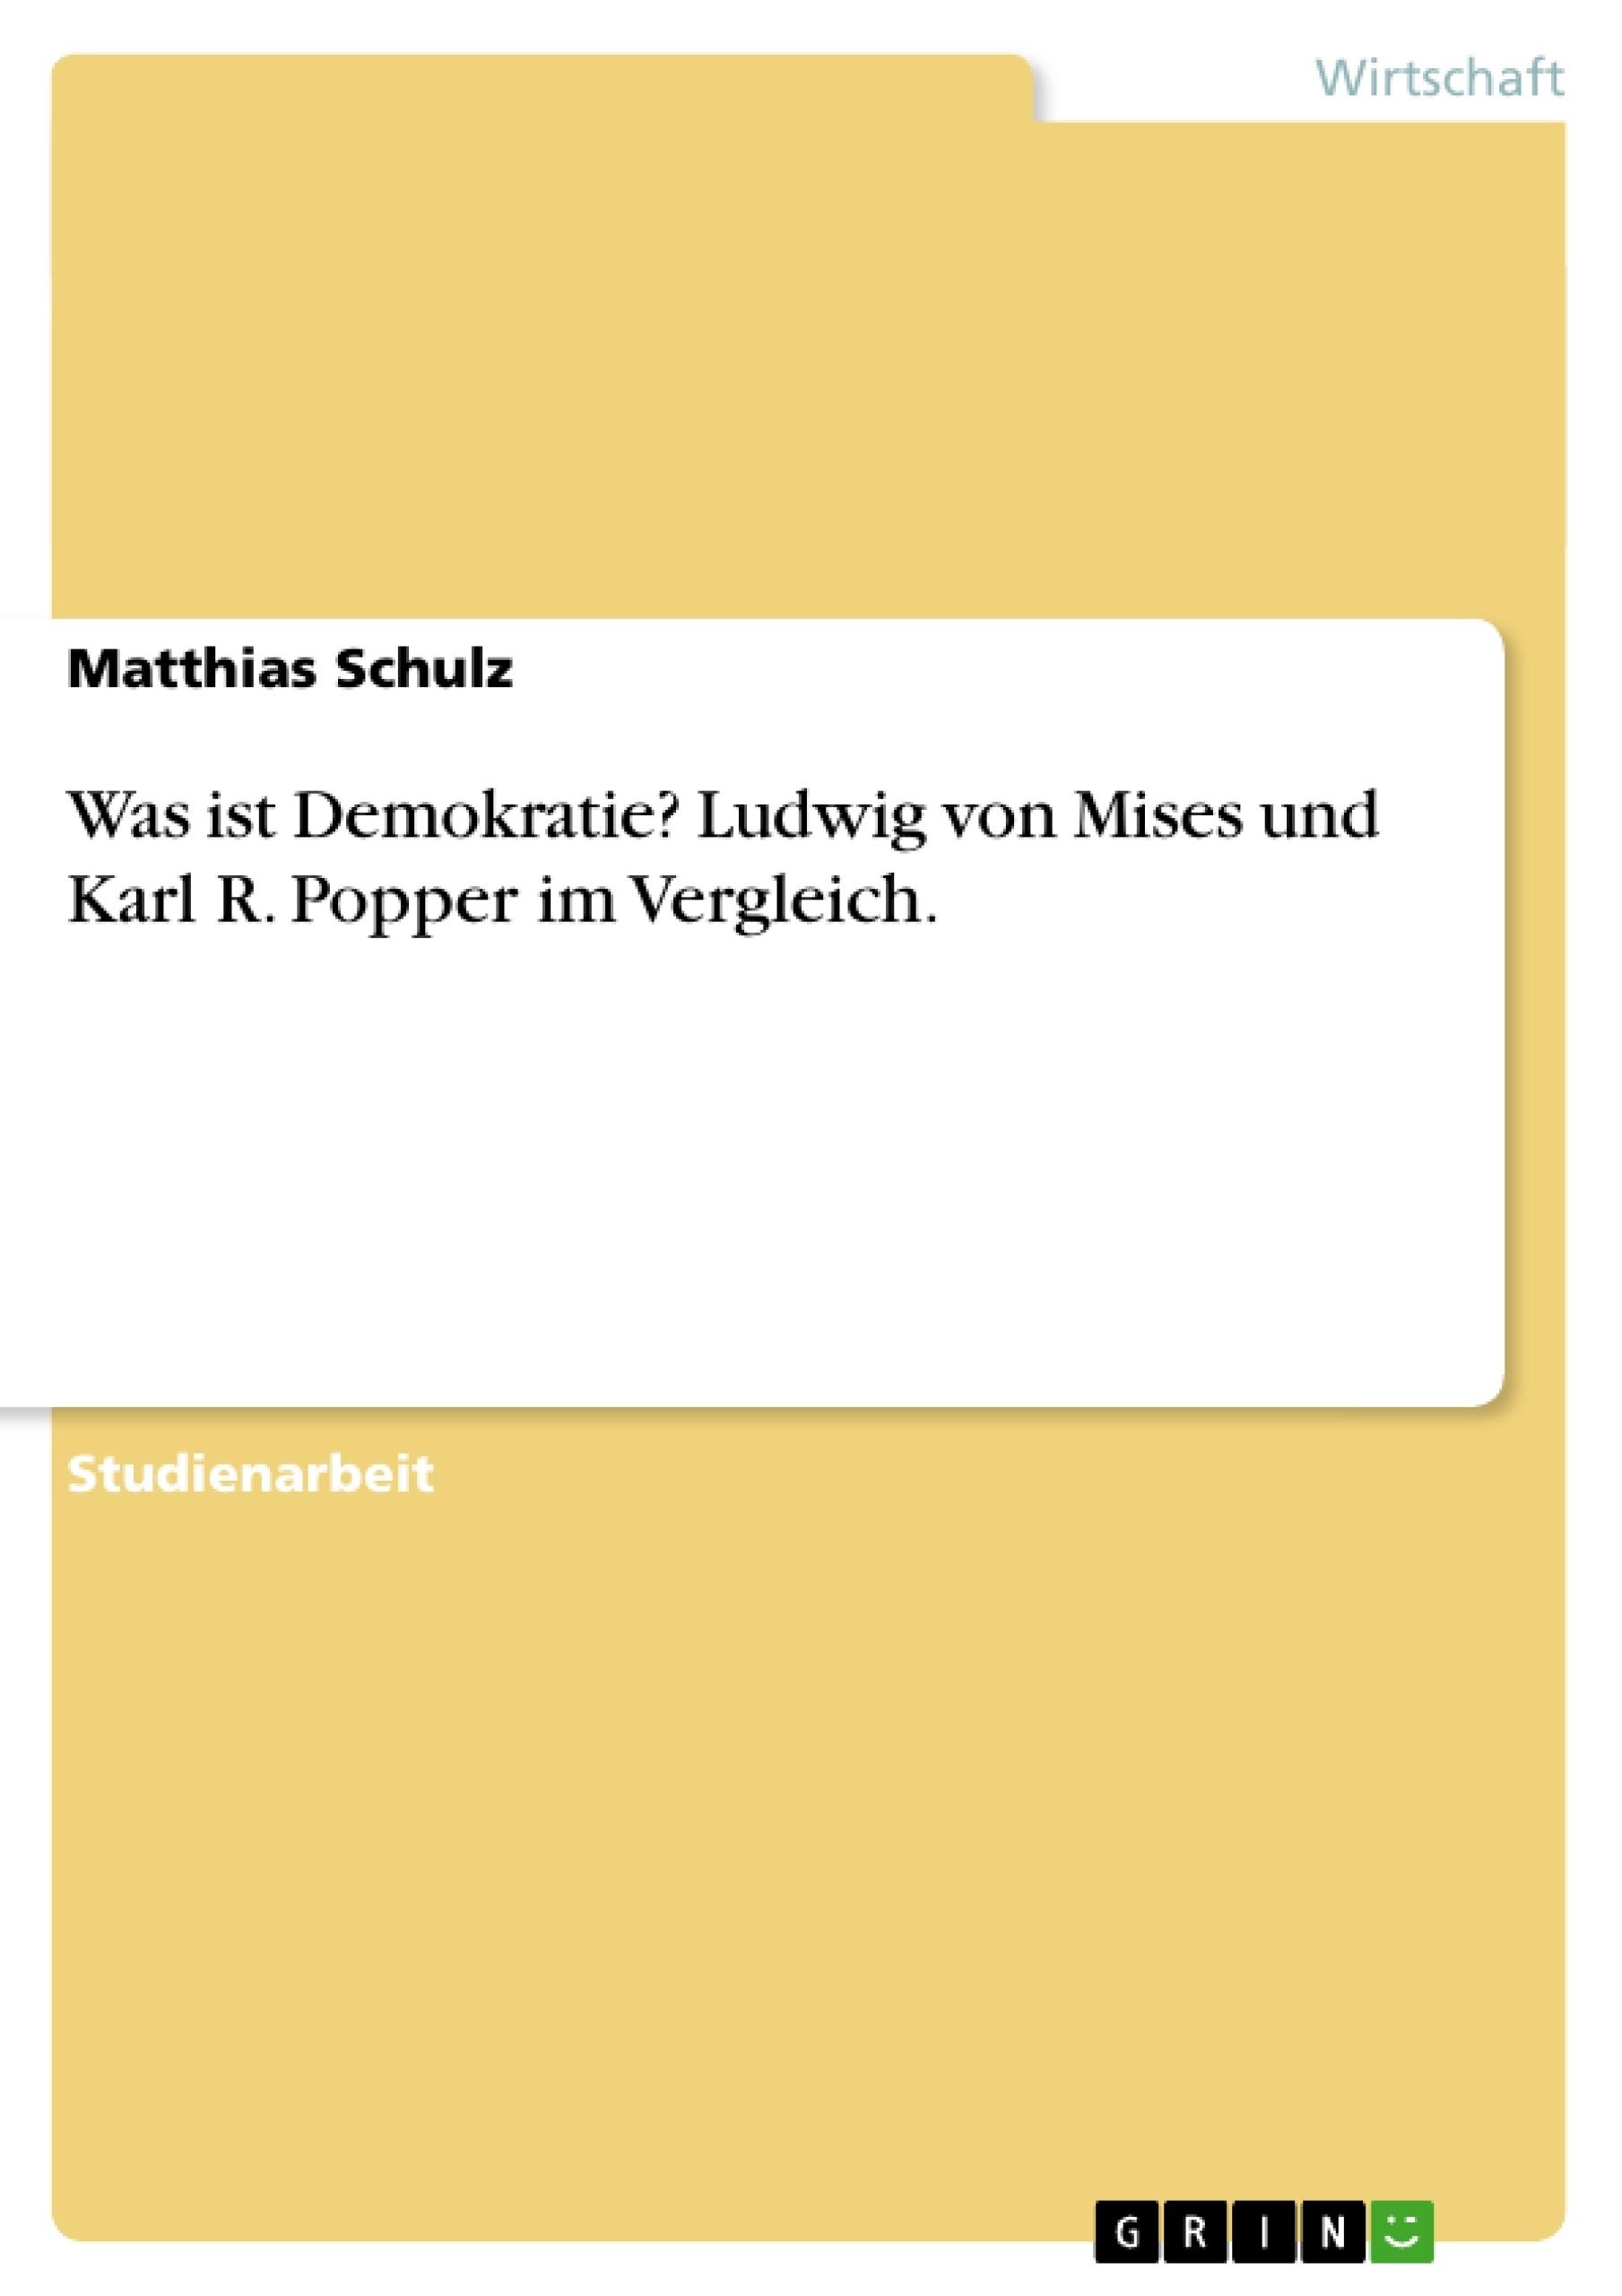 Titel: Was ist Demokratie? Ludwig von Mises und Karl R. Popper im Vergleich.